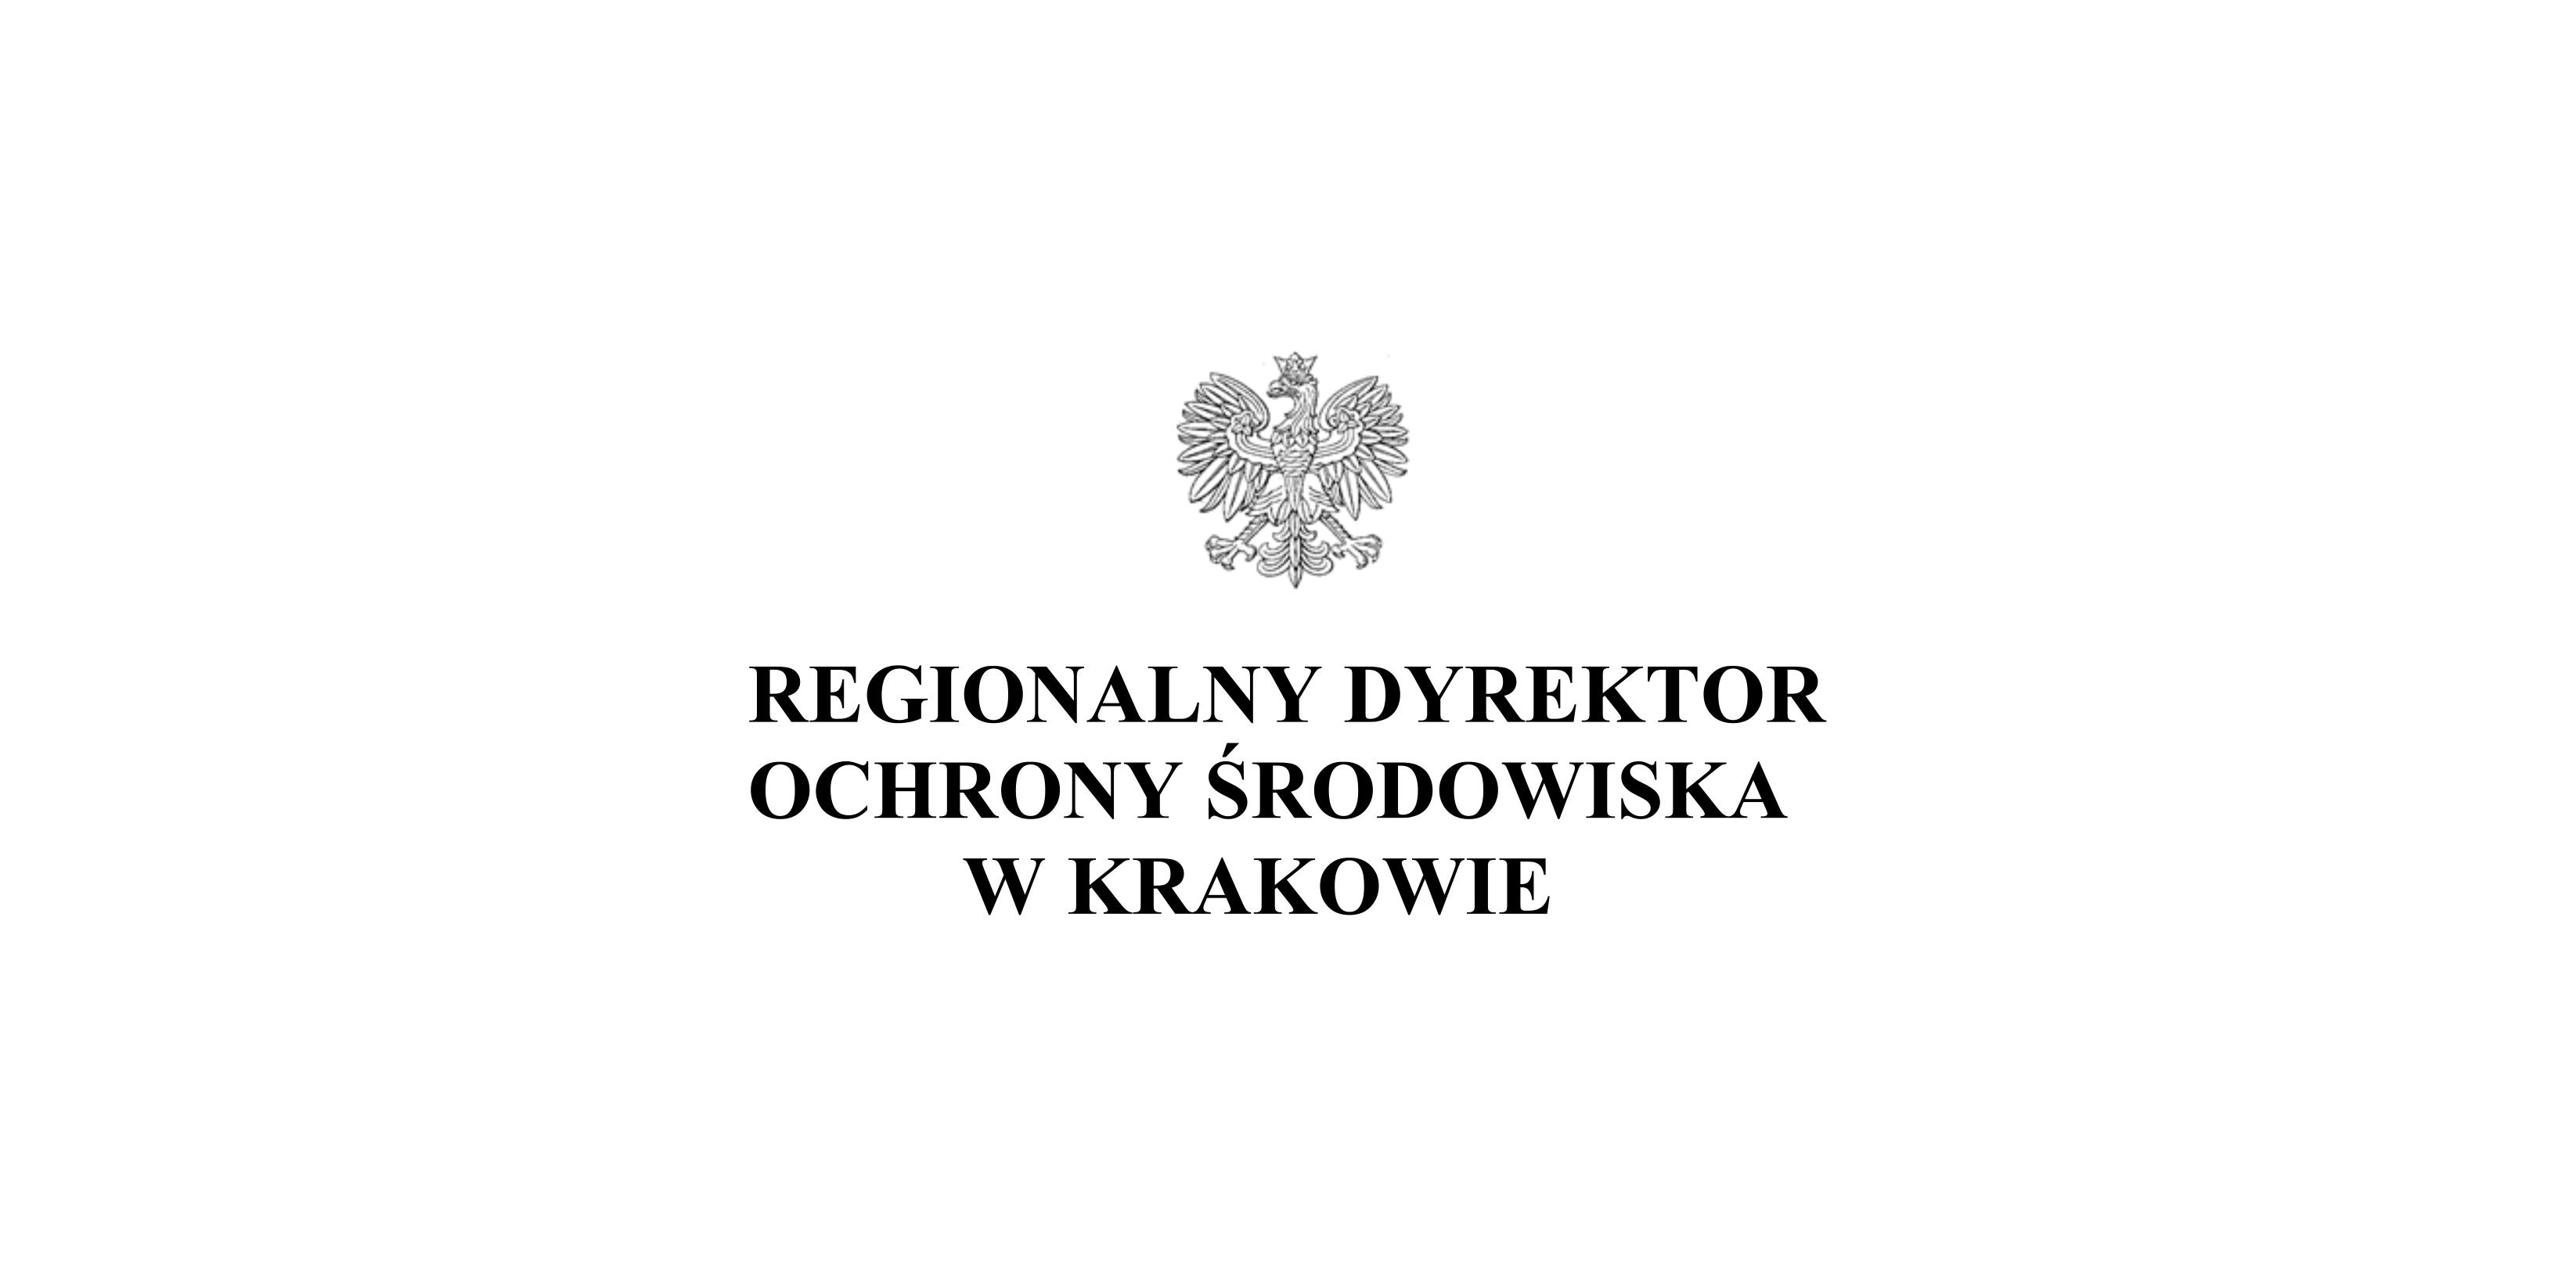 grafika - Regionalny Dyrektor Ochrony Środowiska w Krakowie